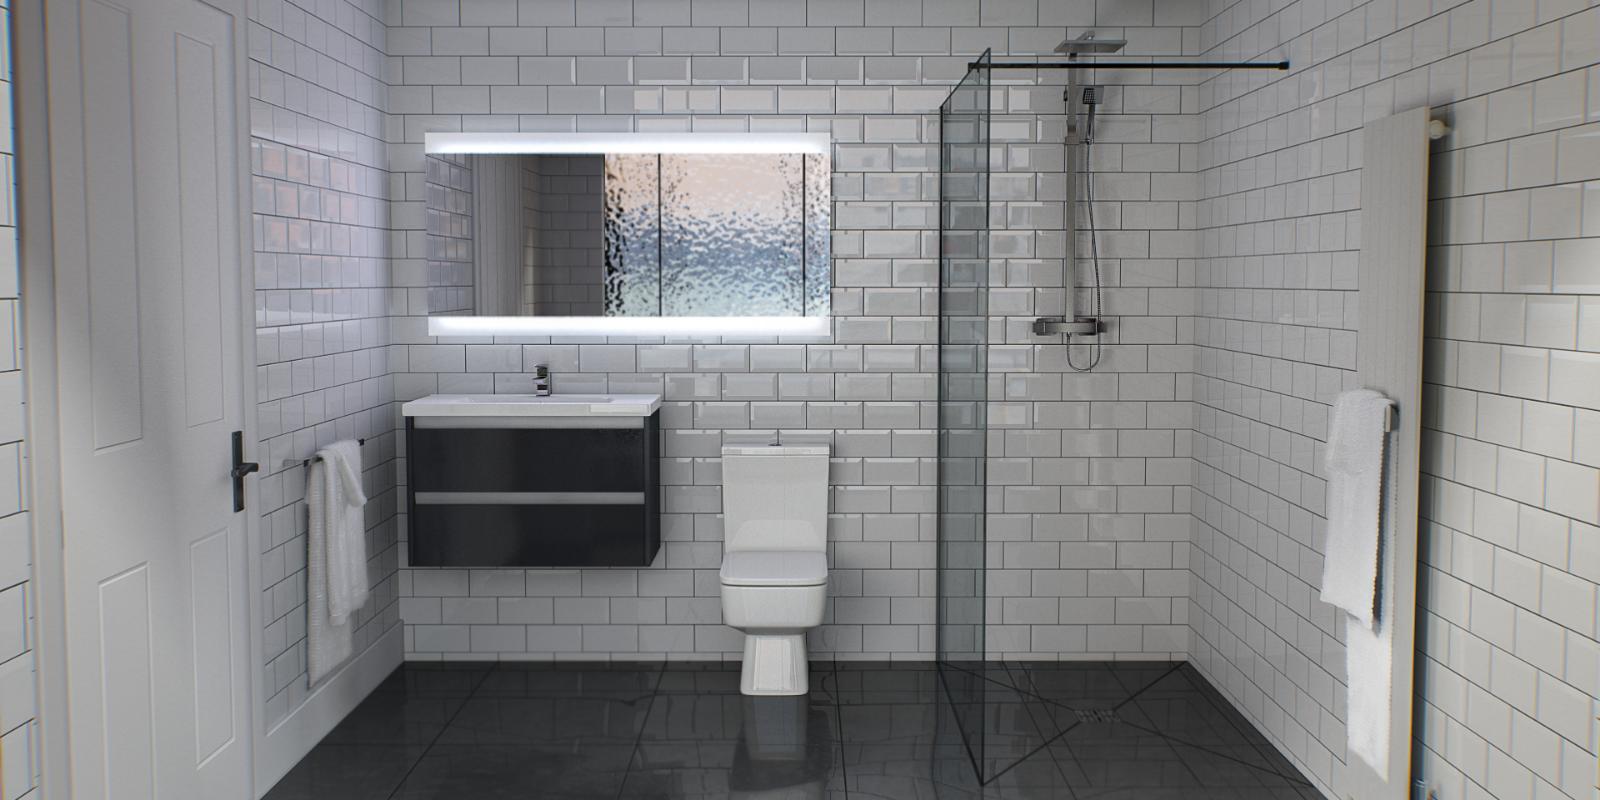 Trending Monochrome Bathrooms Wholesaledomesticbathrooms